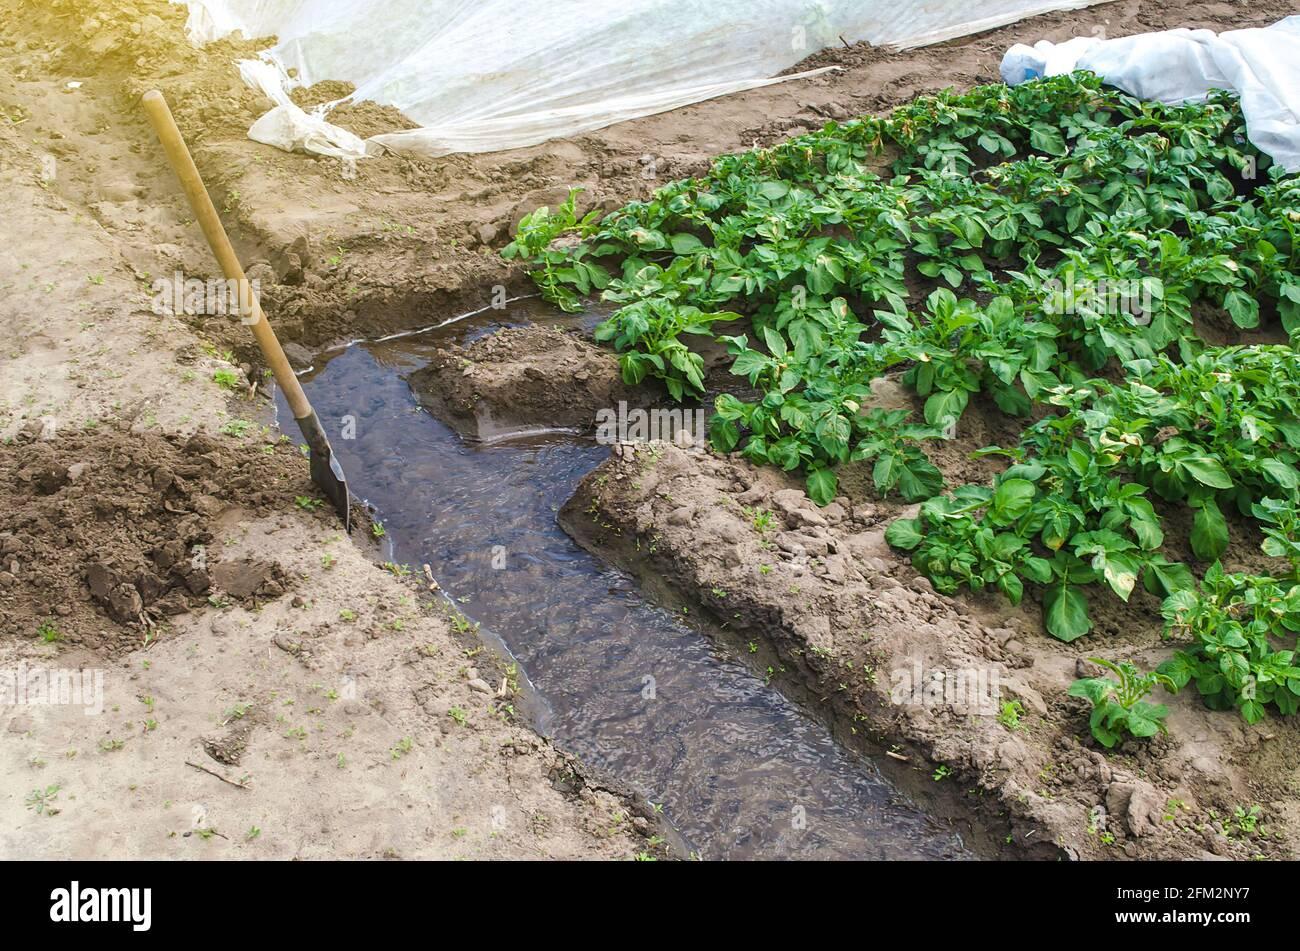 El agua fluye a través de un canal de riego hacia las hileras de una plantación de papa. La industria agrícola. Cultivo de cultivos a finales de primavera utilizando invernaderos. FA Foto de stock